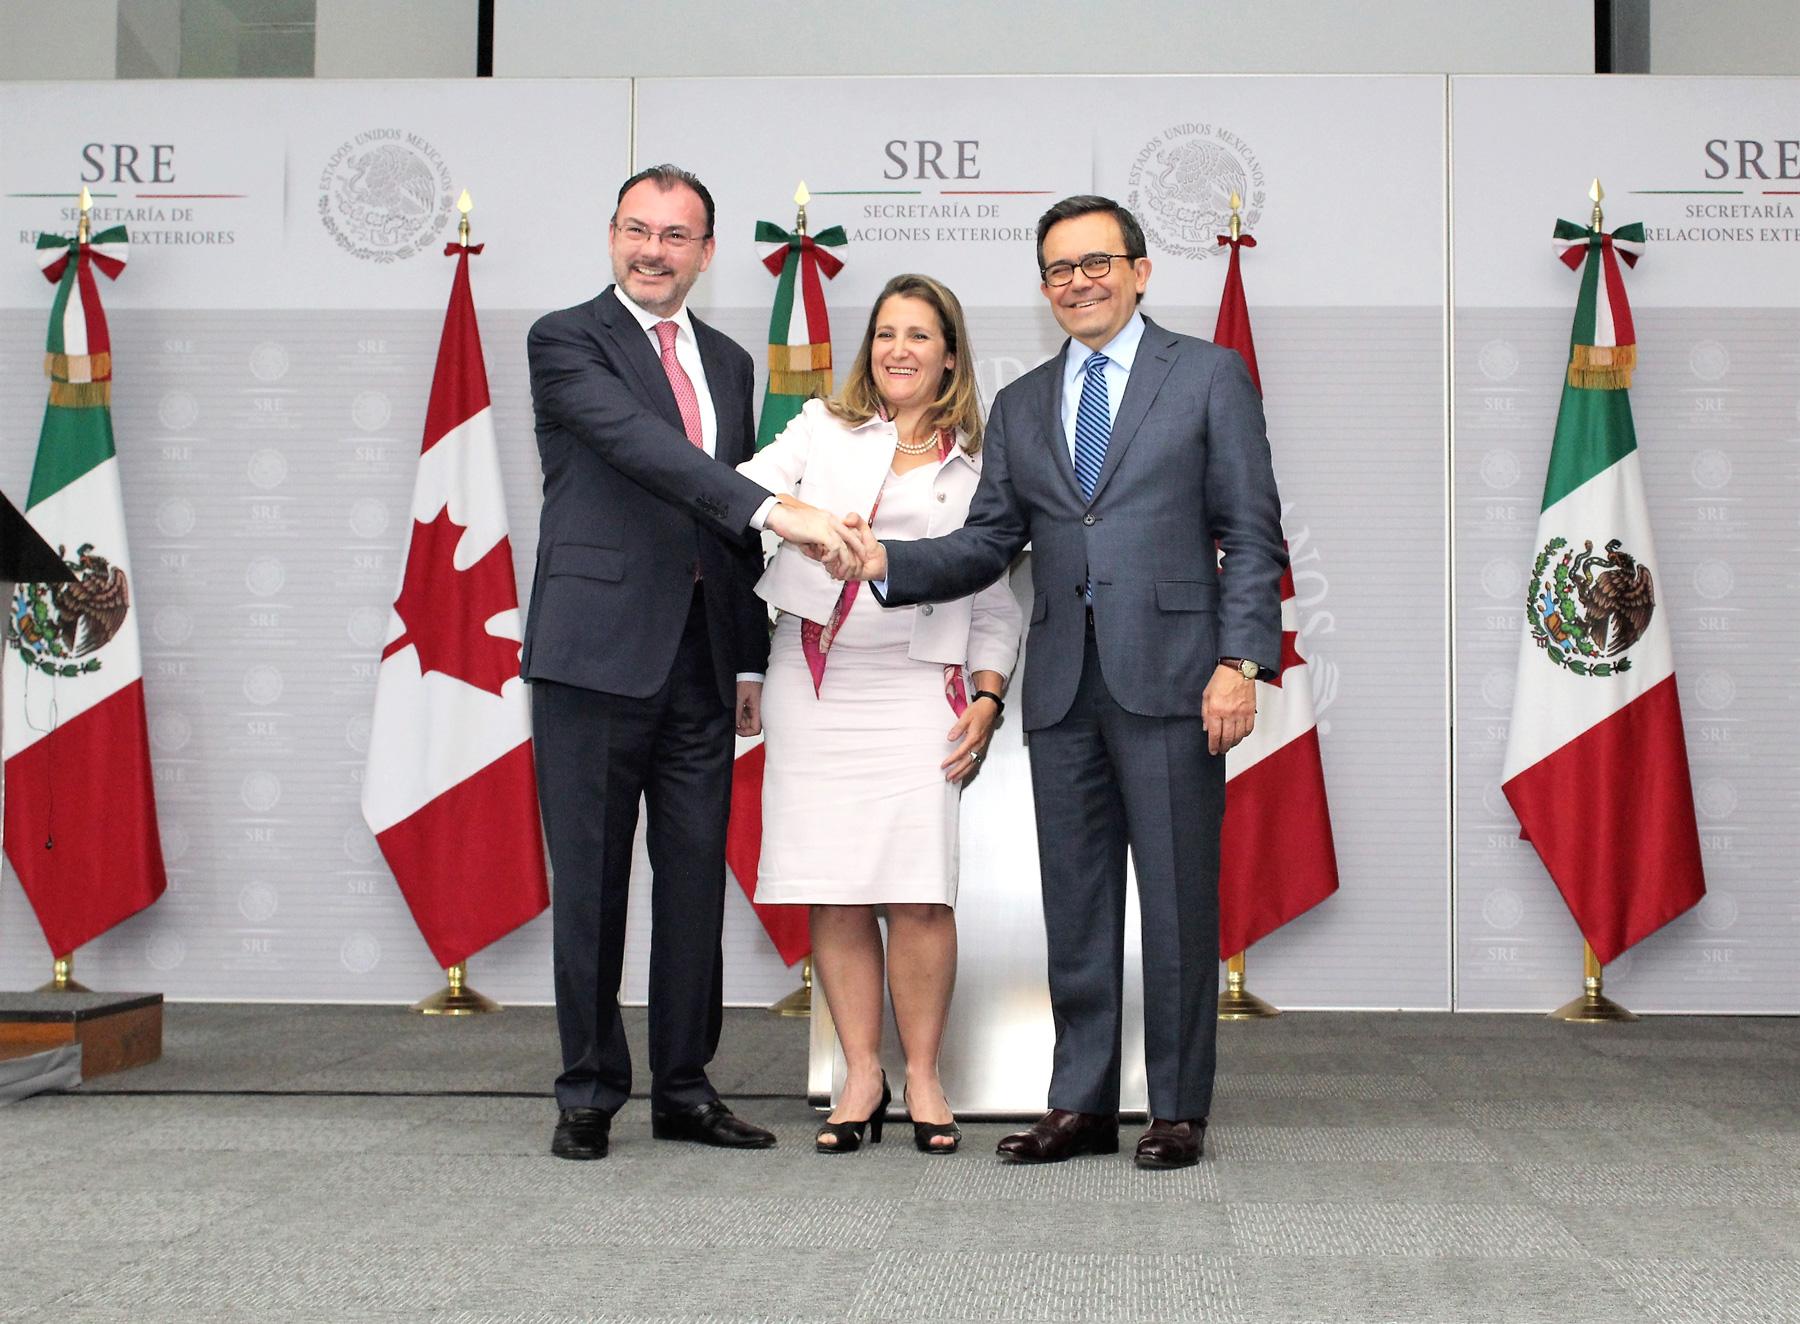 Secretario Ildefonso Guajardo, el Canciller Luis Videgaray y la Ministra Chrystia Freeland